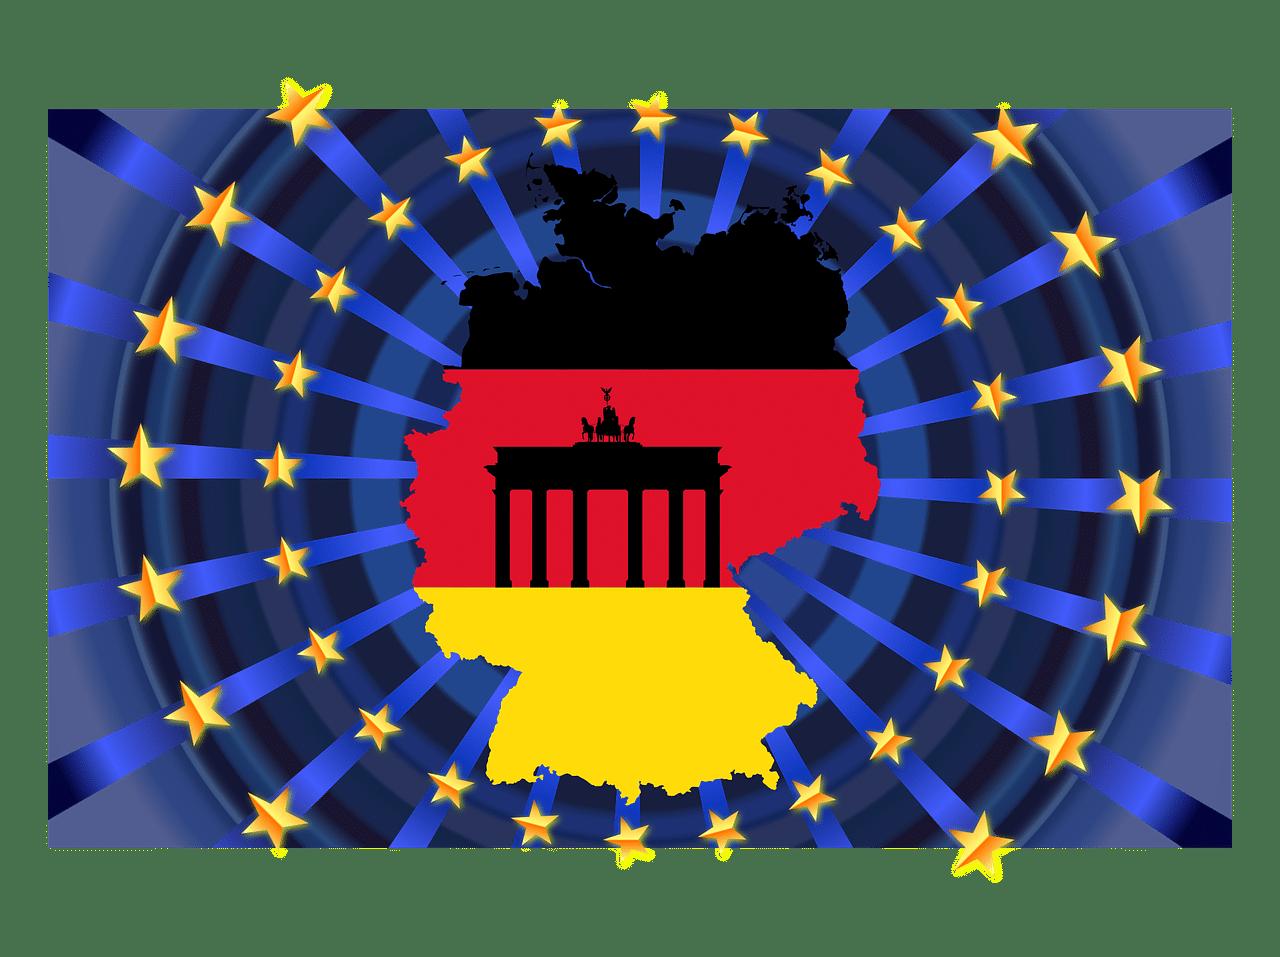 Tłumacz przysięgły online niemiecki